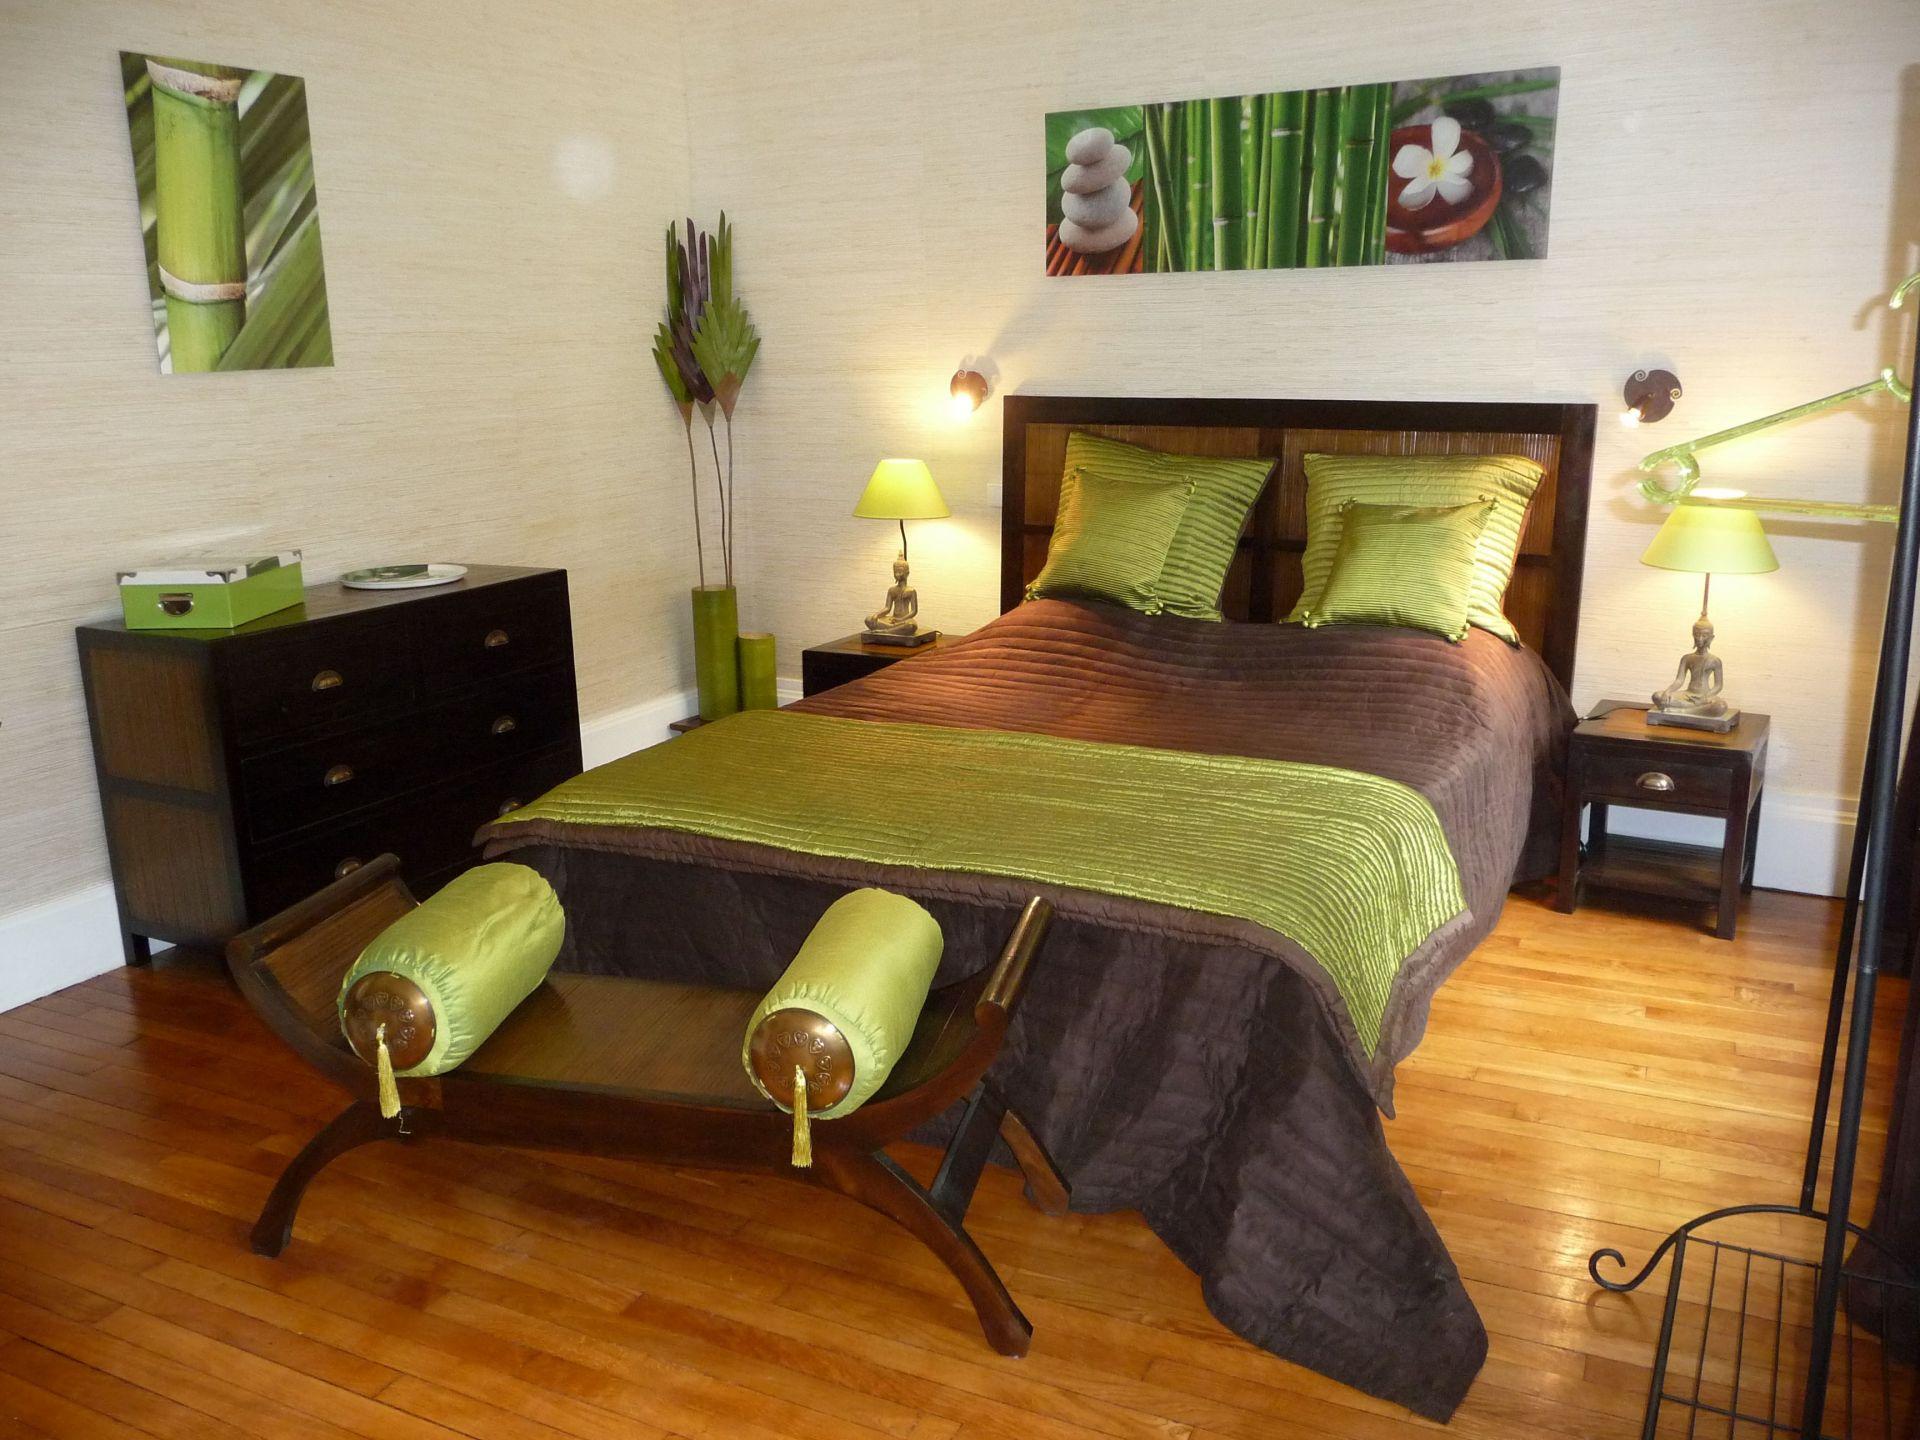 chambres d 39 hotes des quatre coins du monde lorraine tourisme. Black Bedroom Furniture Sets. Home Design Ideas